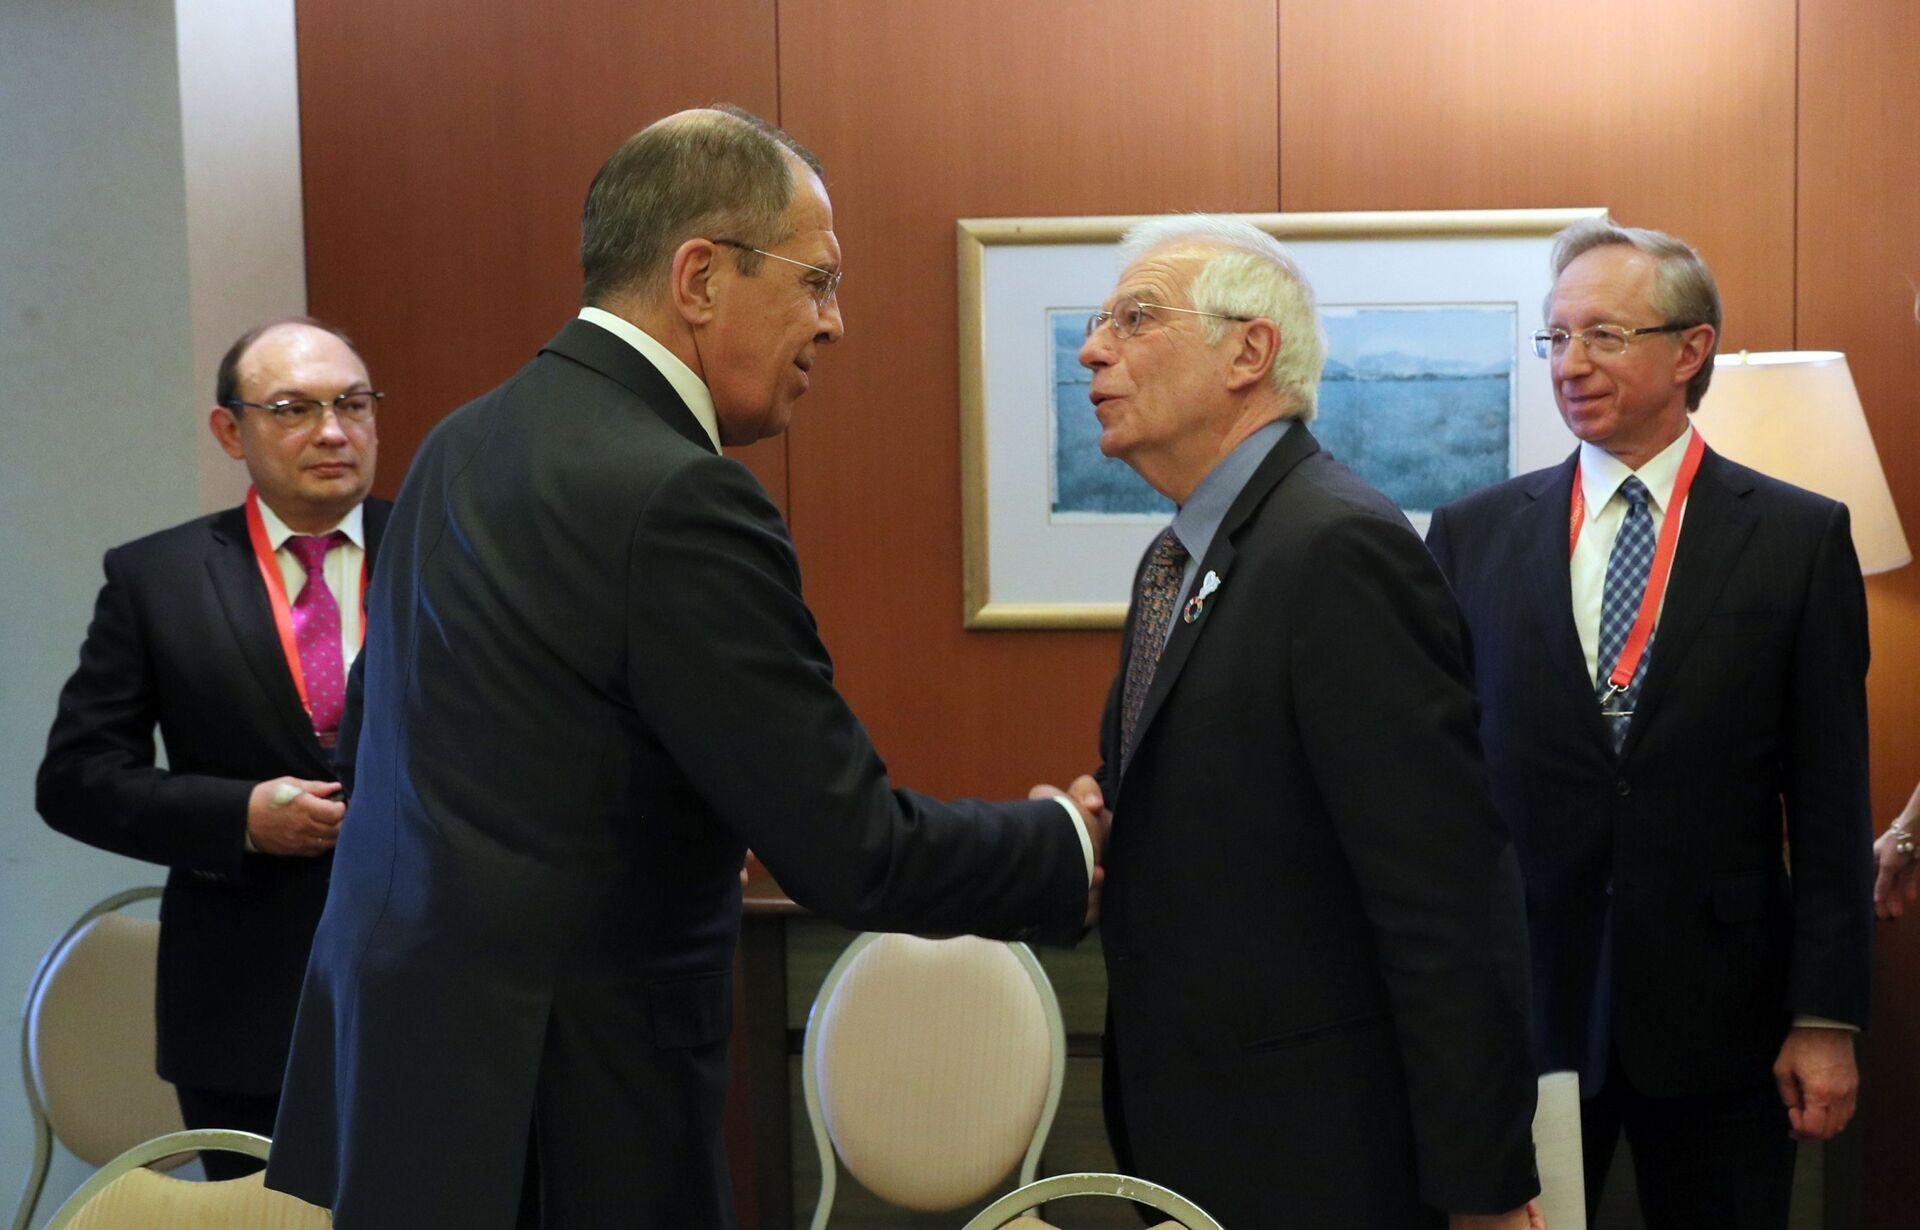 Caso Navalny, domani Borrell a Mosca e a fine mese la decisione UE su nuove misure contro la Russia - Sputnik Italia, 1920, 03.02.2021